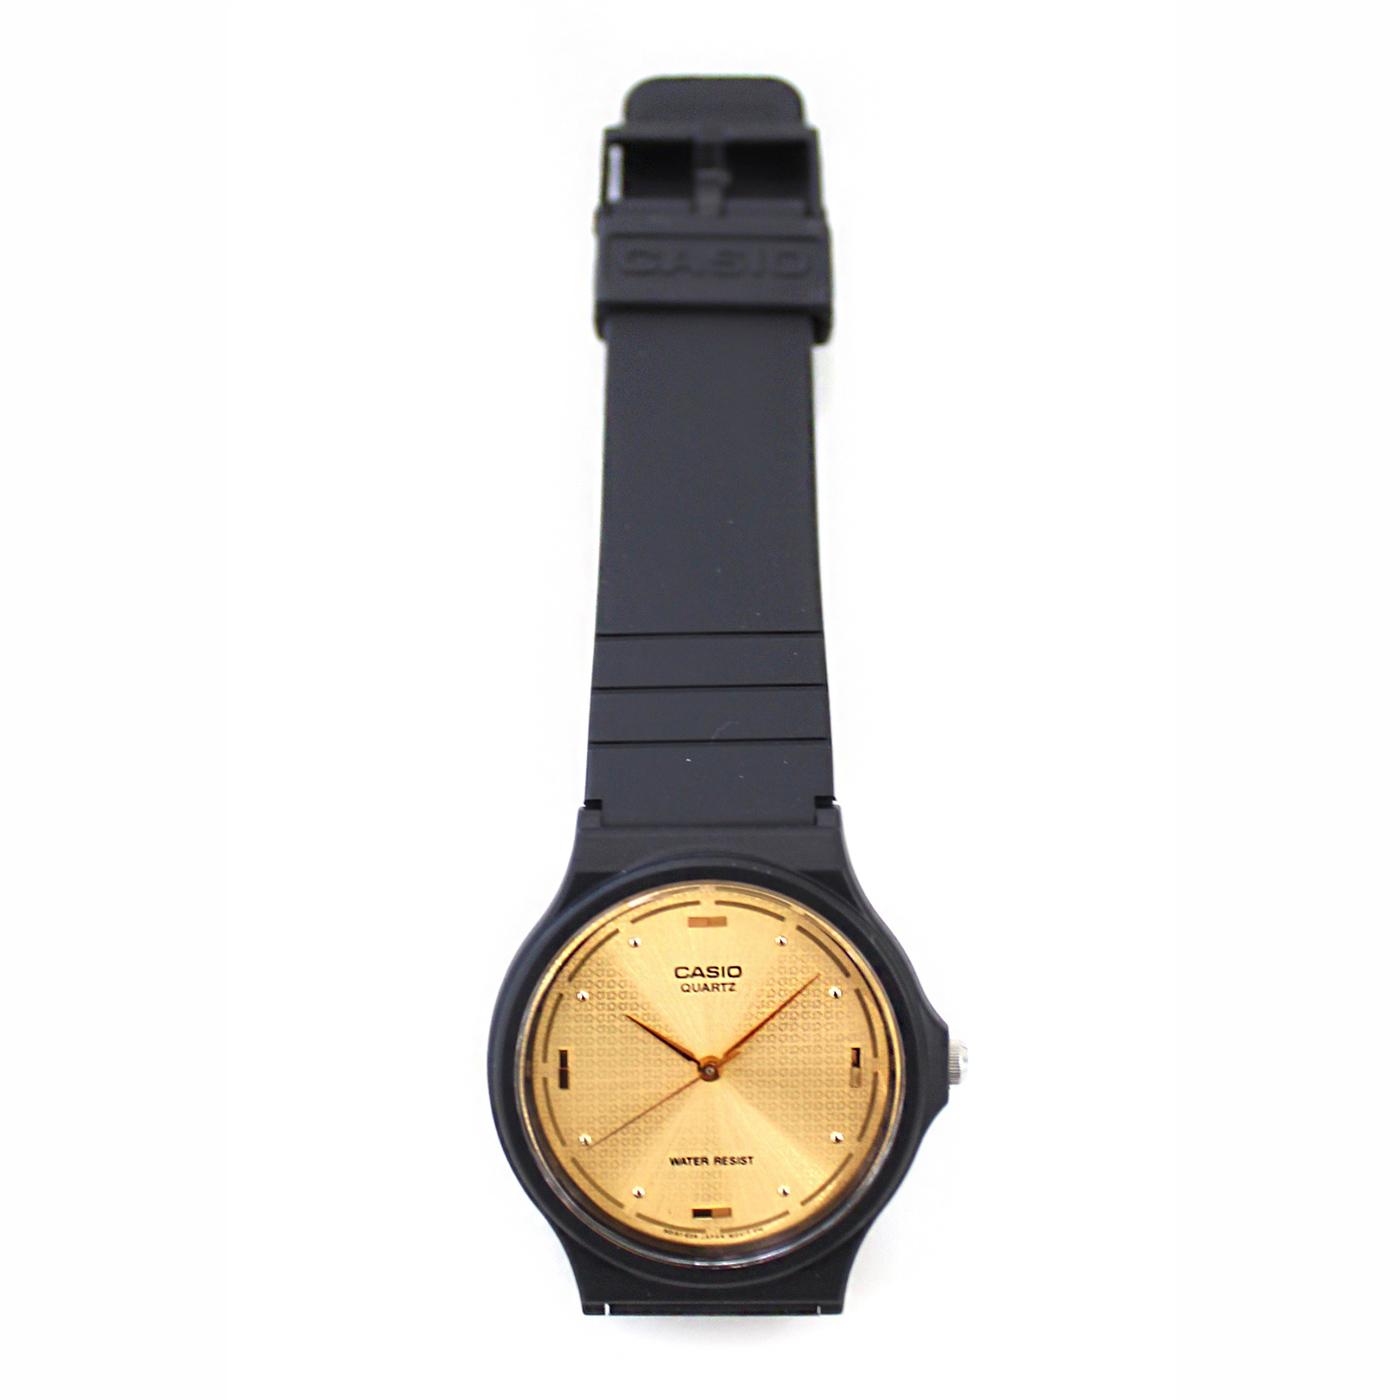 フェリシモ IEDIT[イディット] SELECT CASIO アナログ腕時計 ラウンド MQ-76-9A〈ブラックxゴールド〉